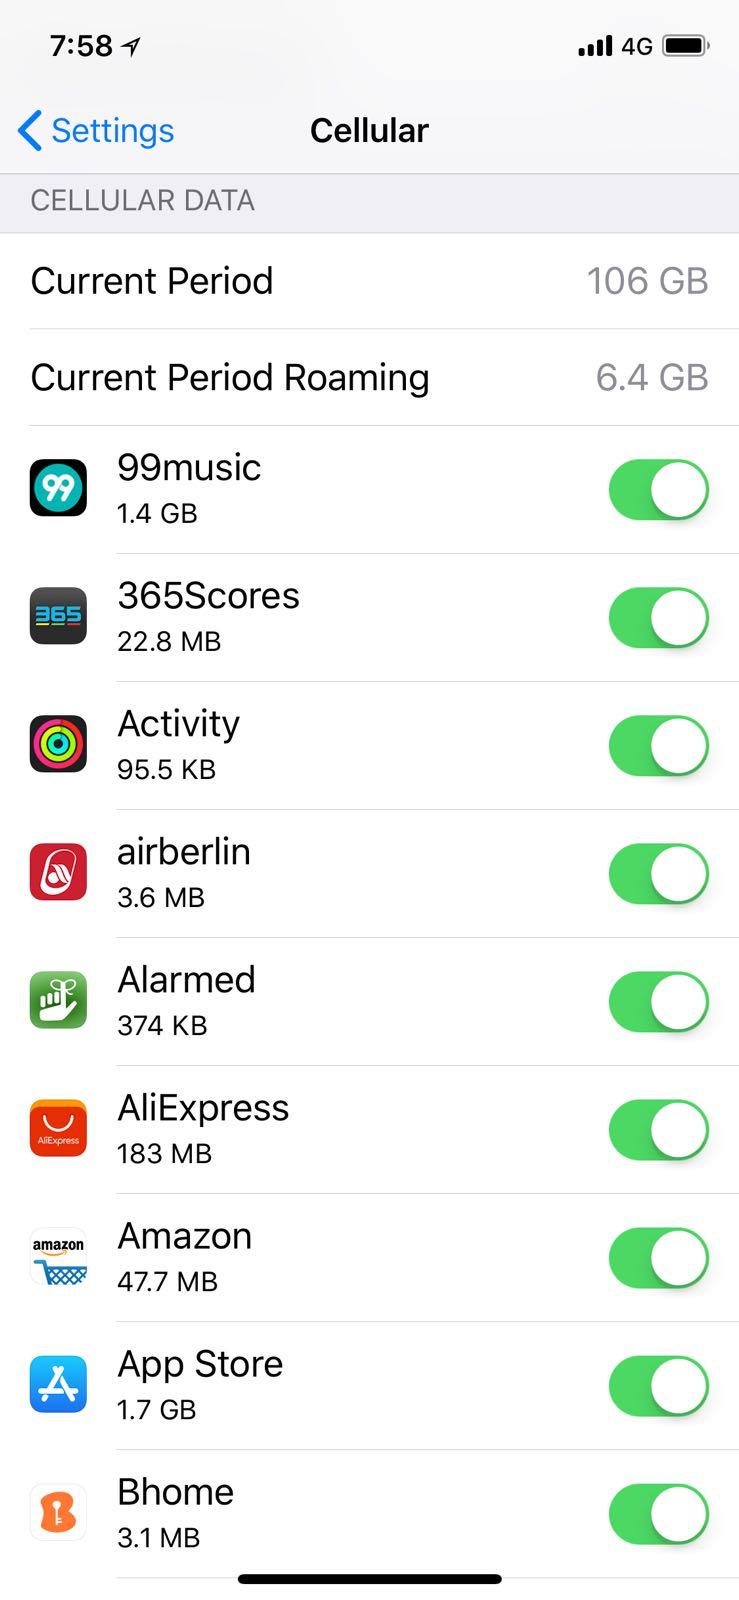 ניצולת רשת של משתמש אחר: מגהבייטים בודדים באפליקציות מובילות